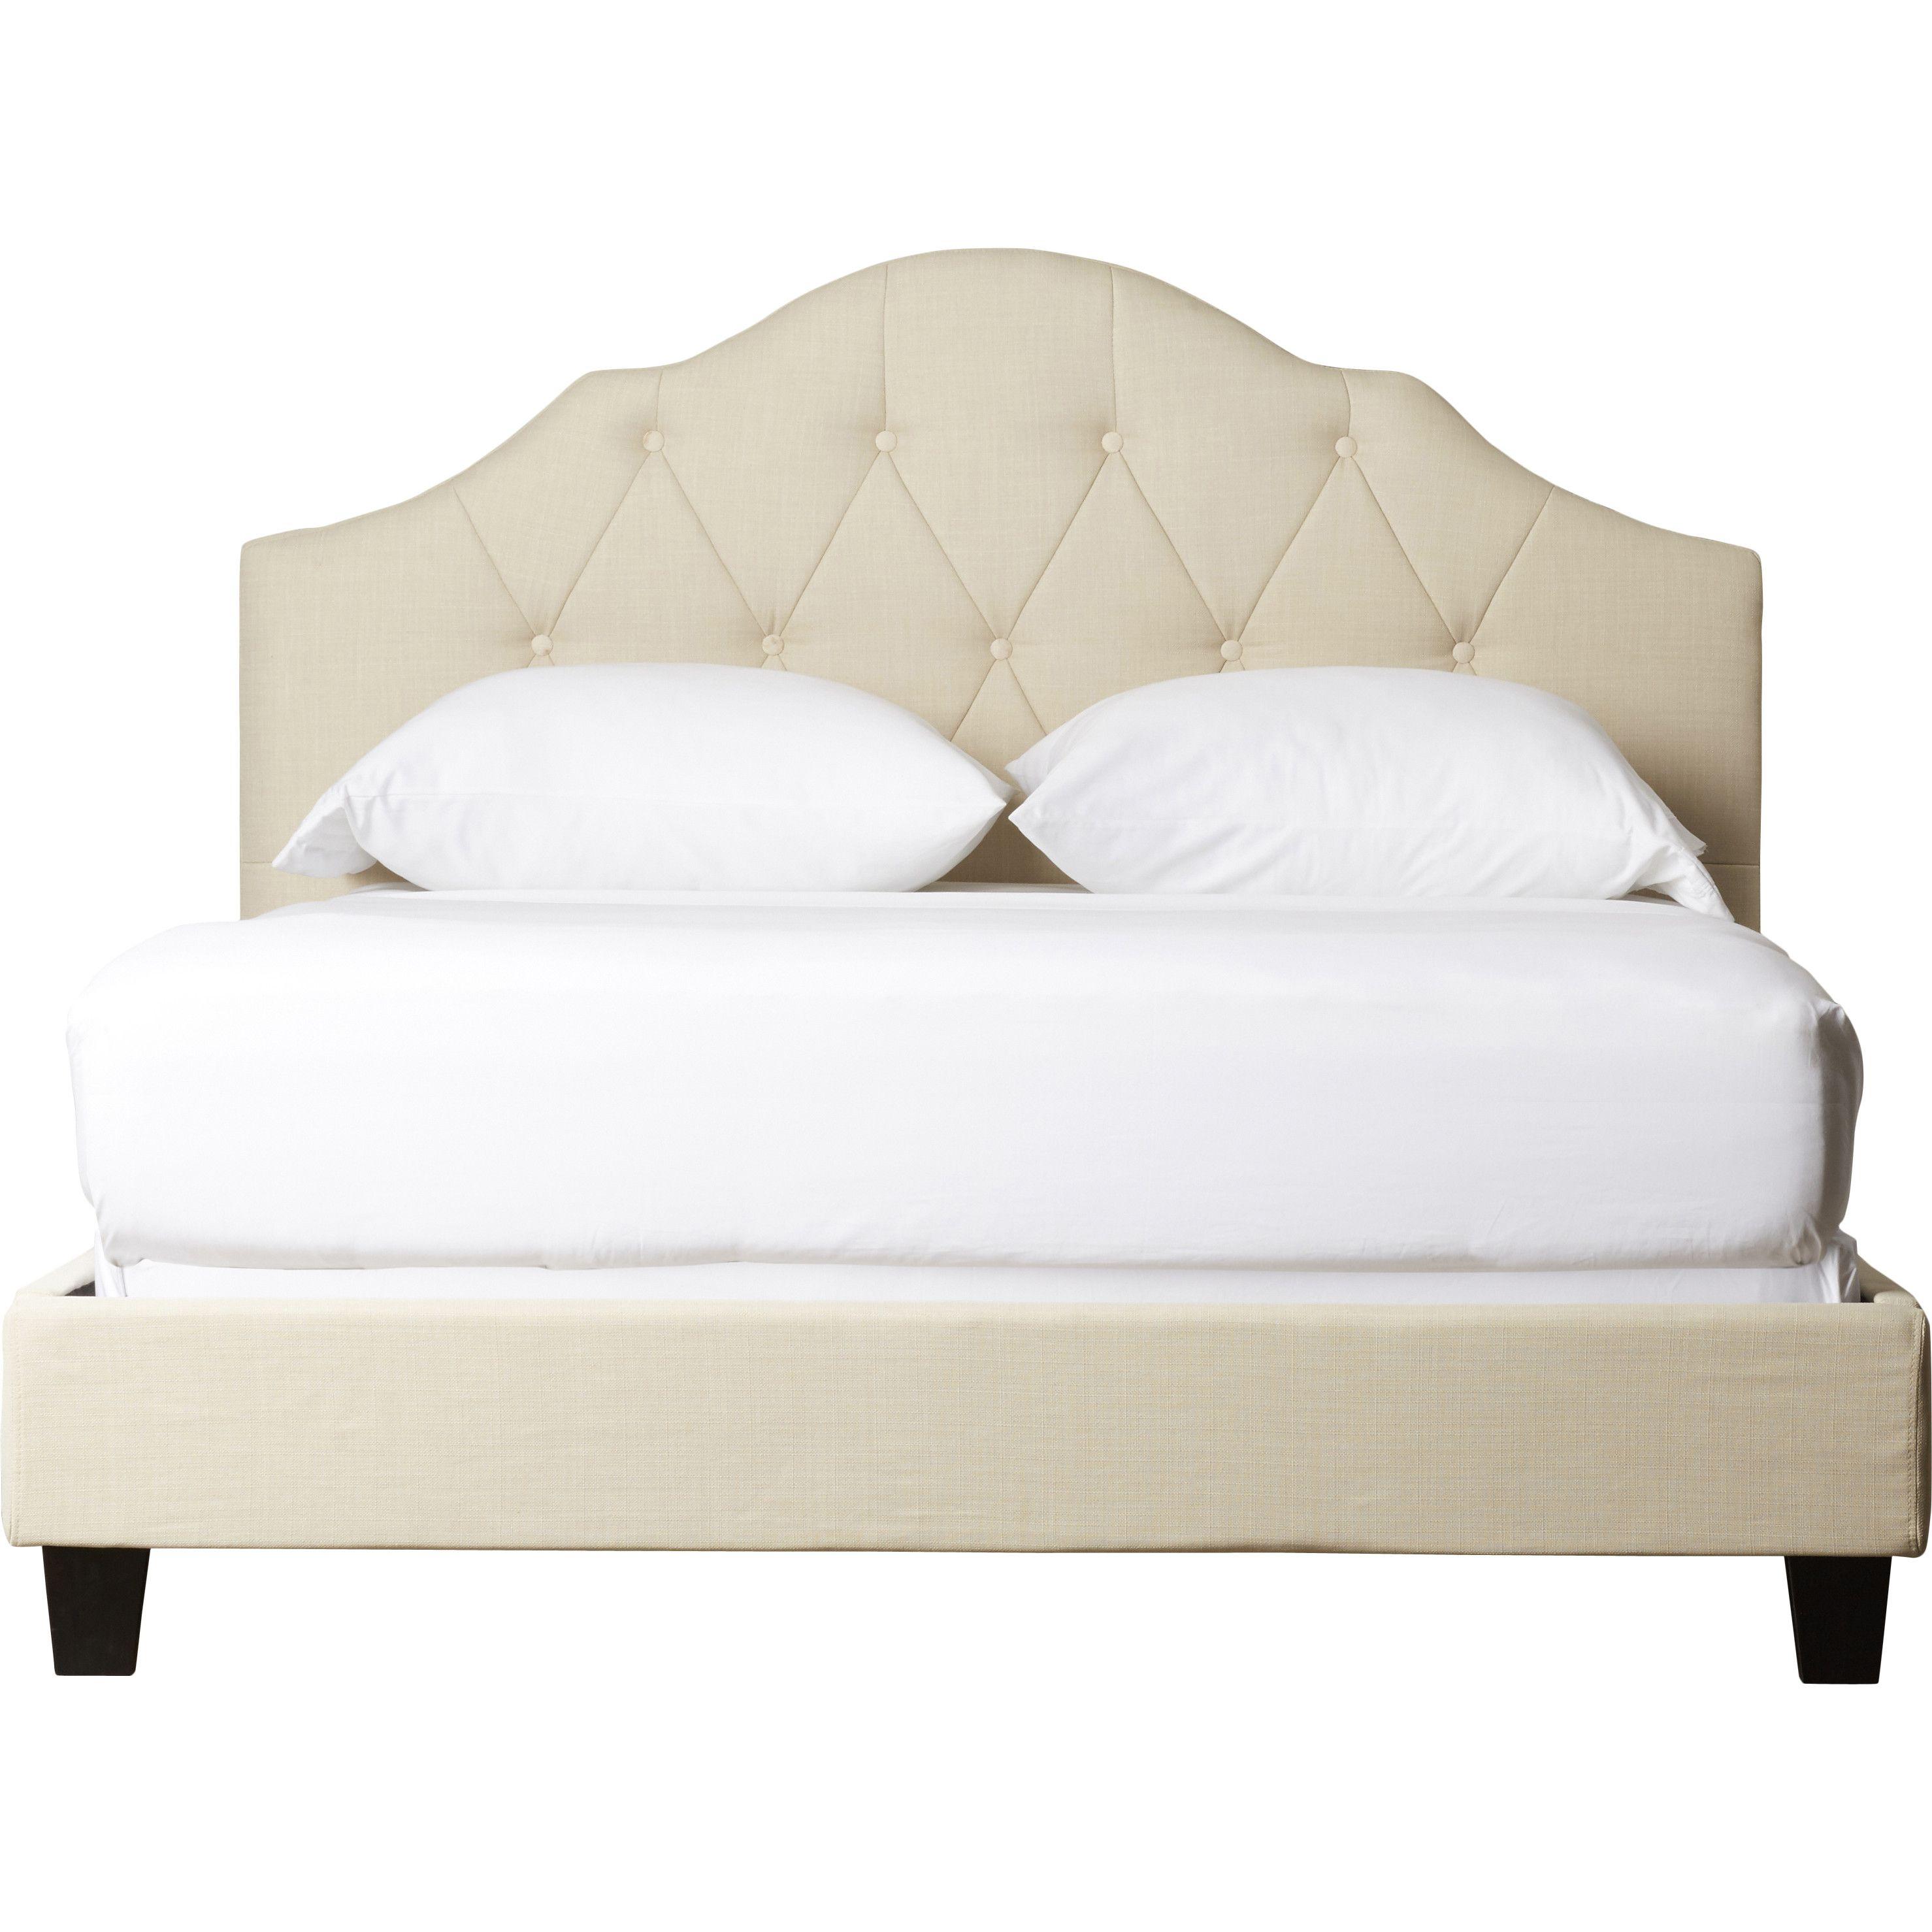 Arlene Upholstered Bed | Bed ideas | Pinterest